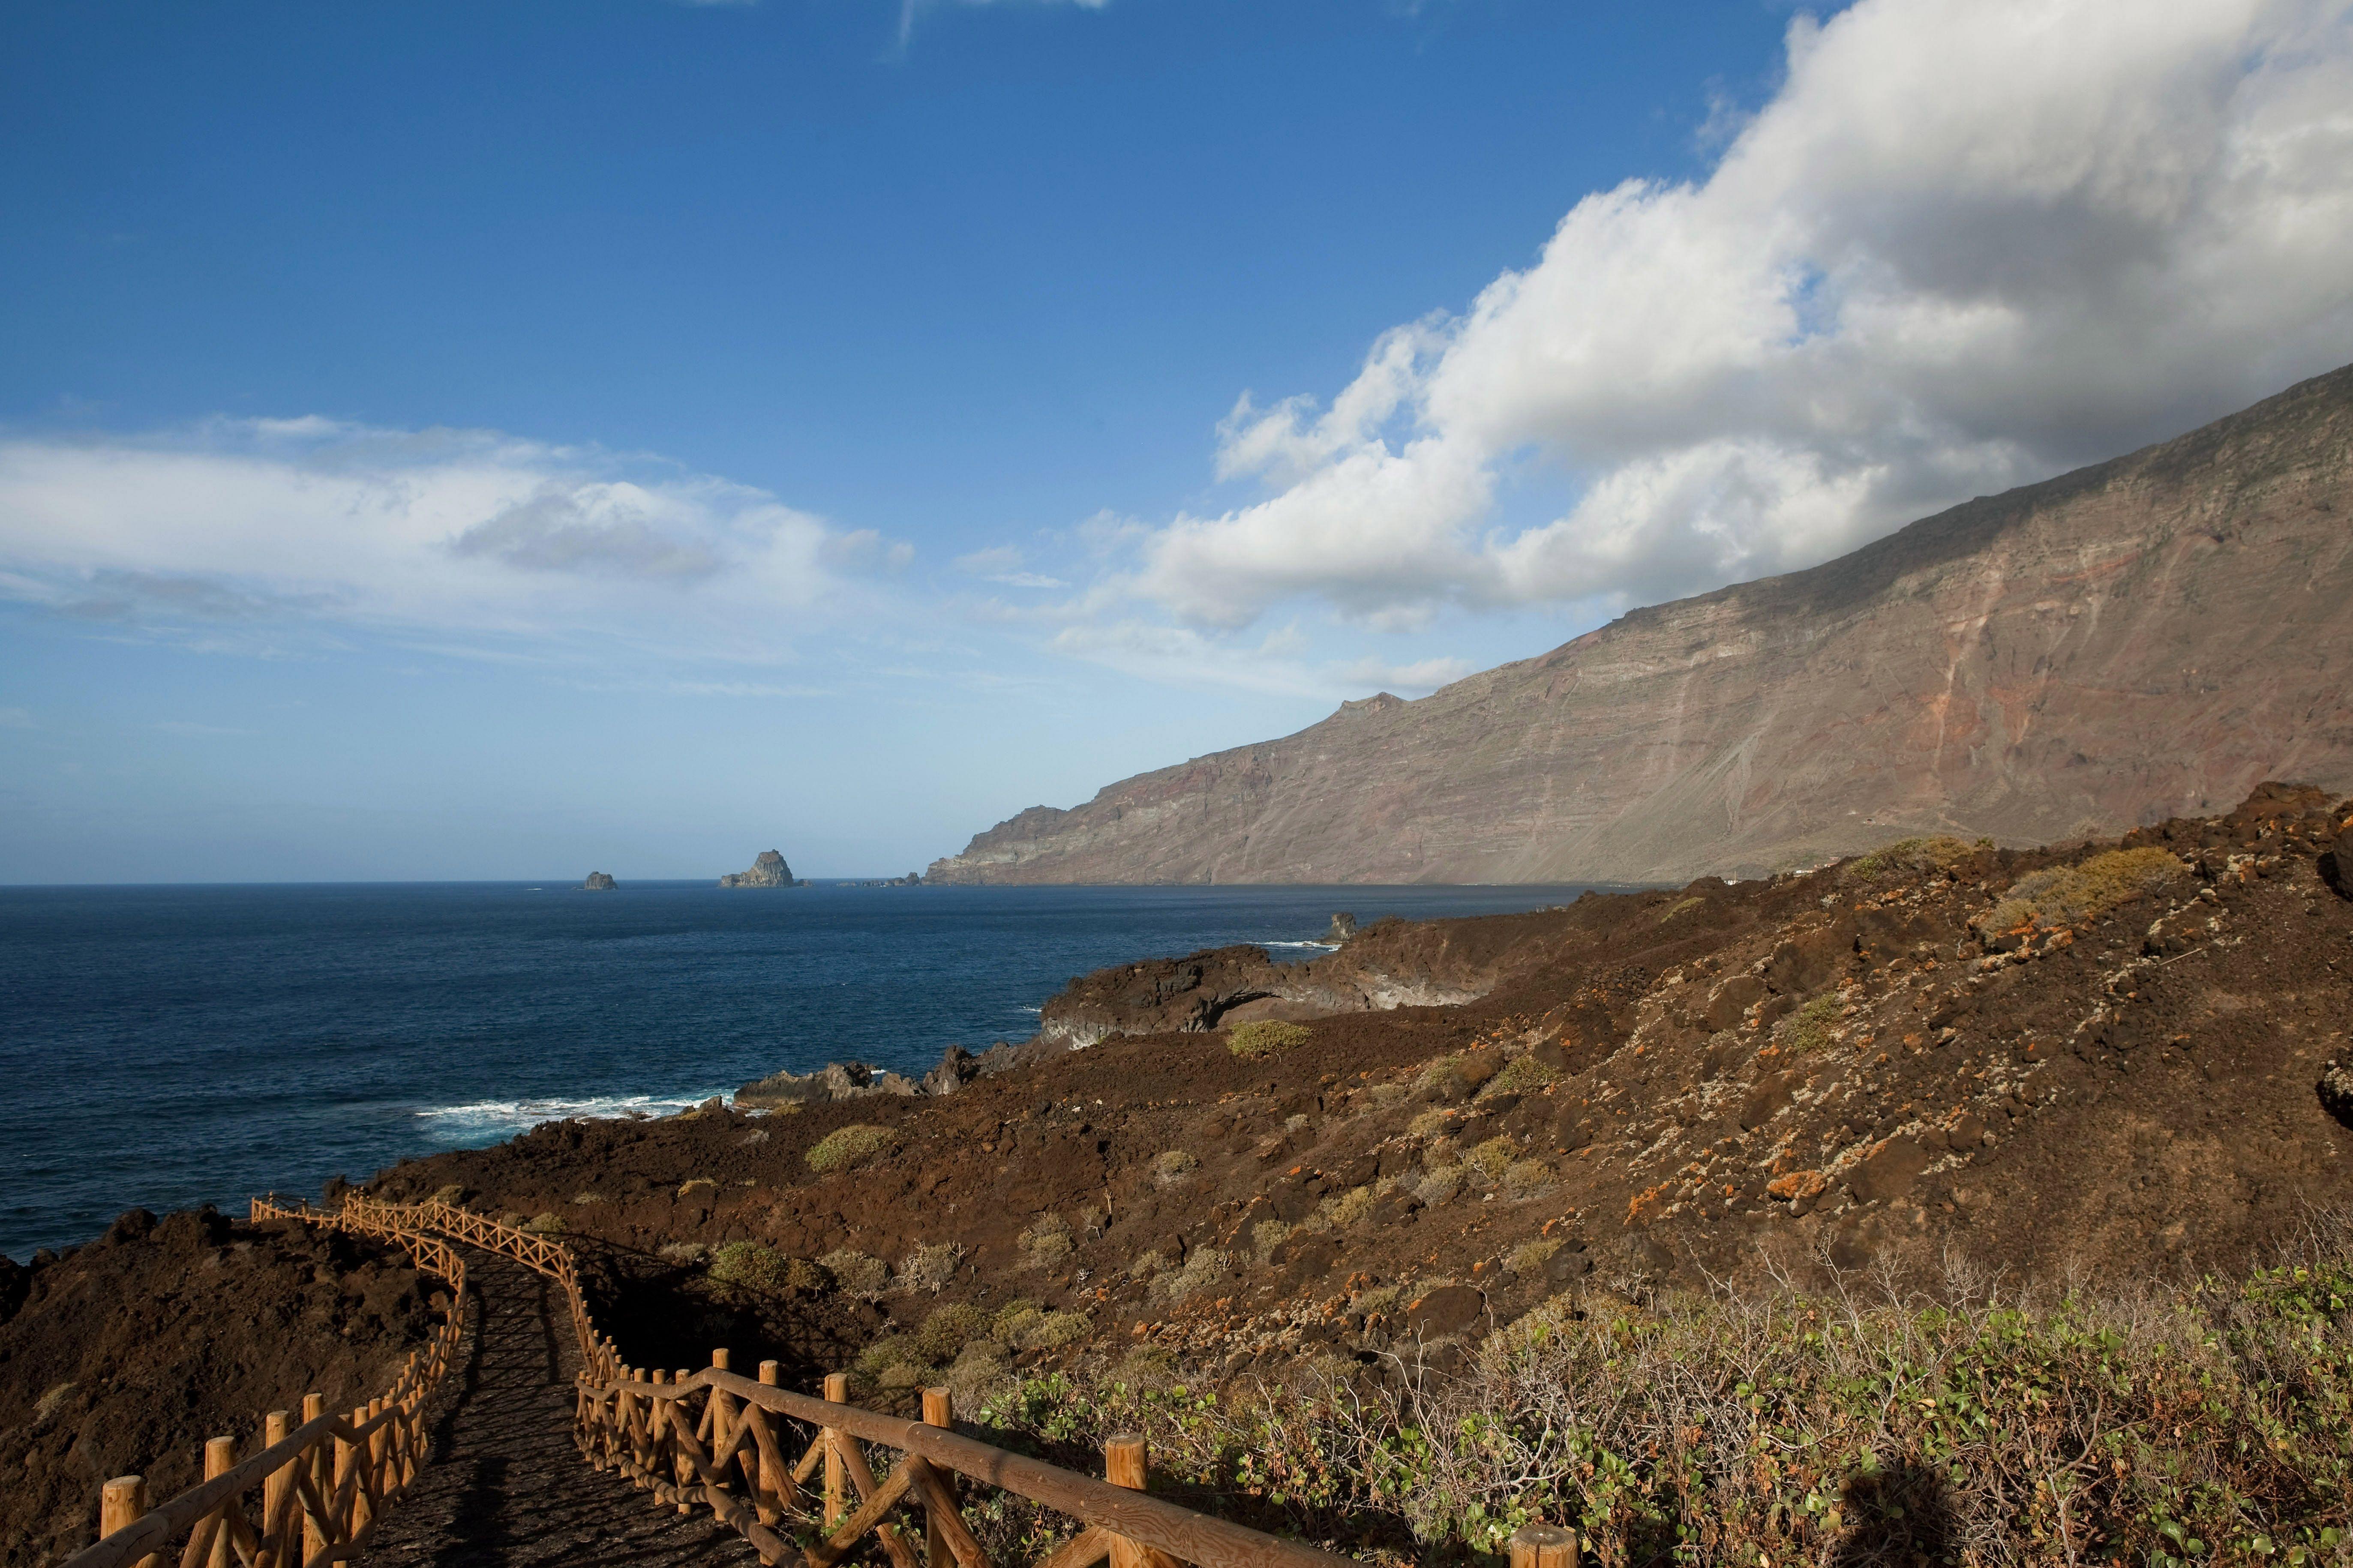 #Charcodelossargos #ElHierro - #IslasCanarias